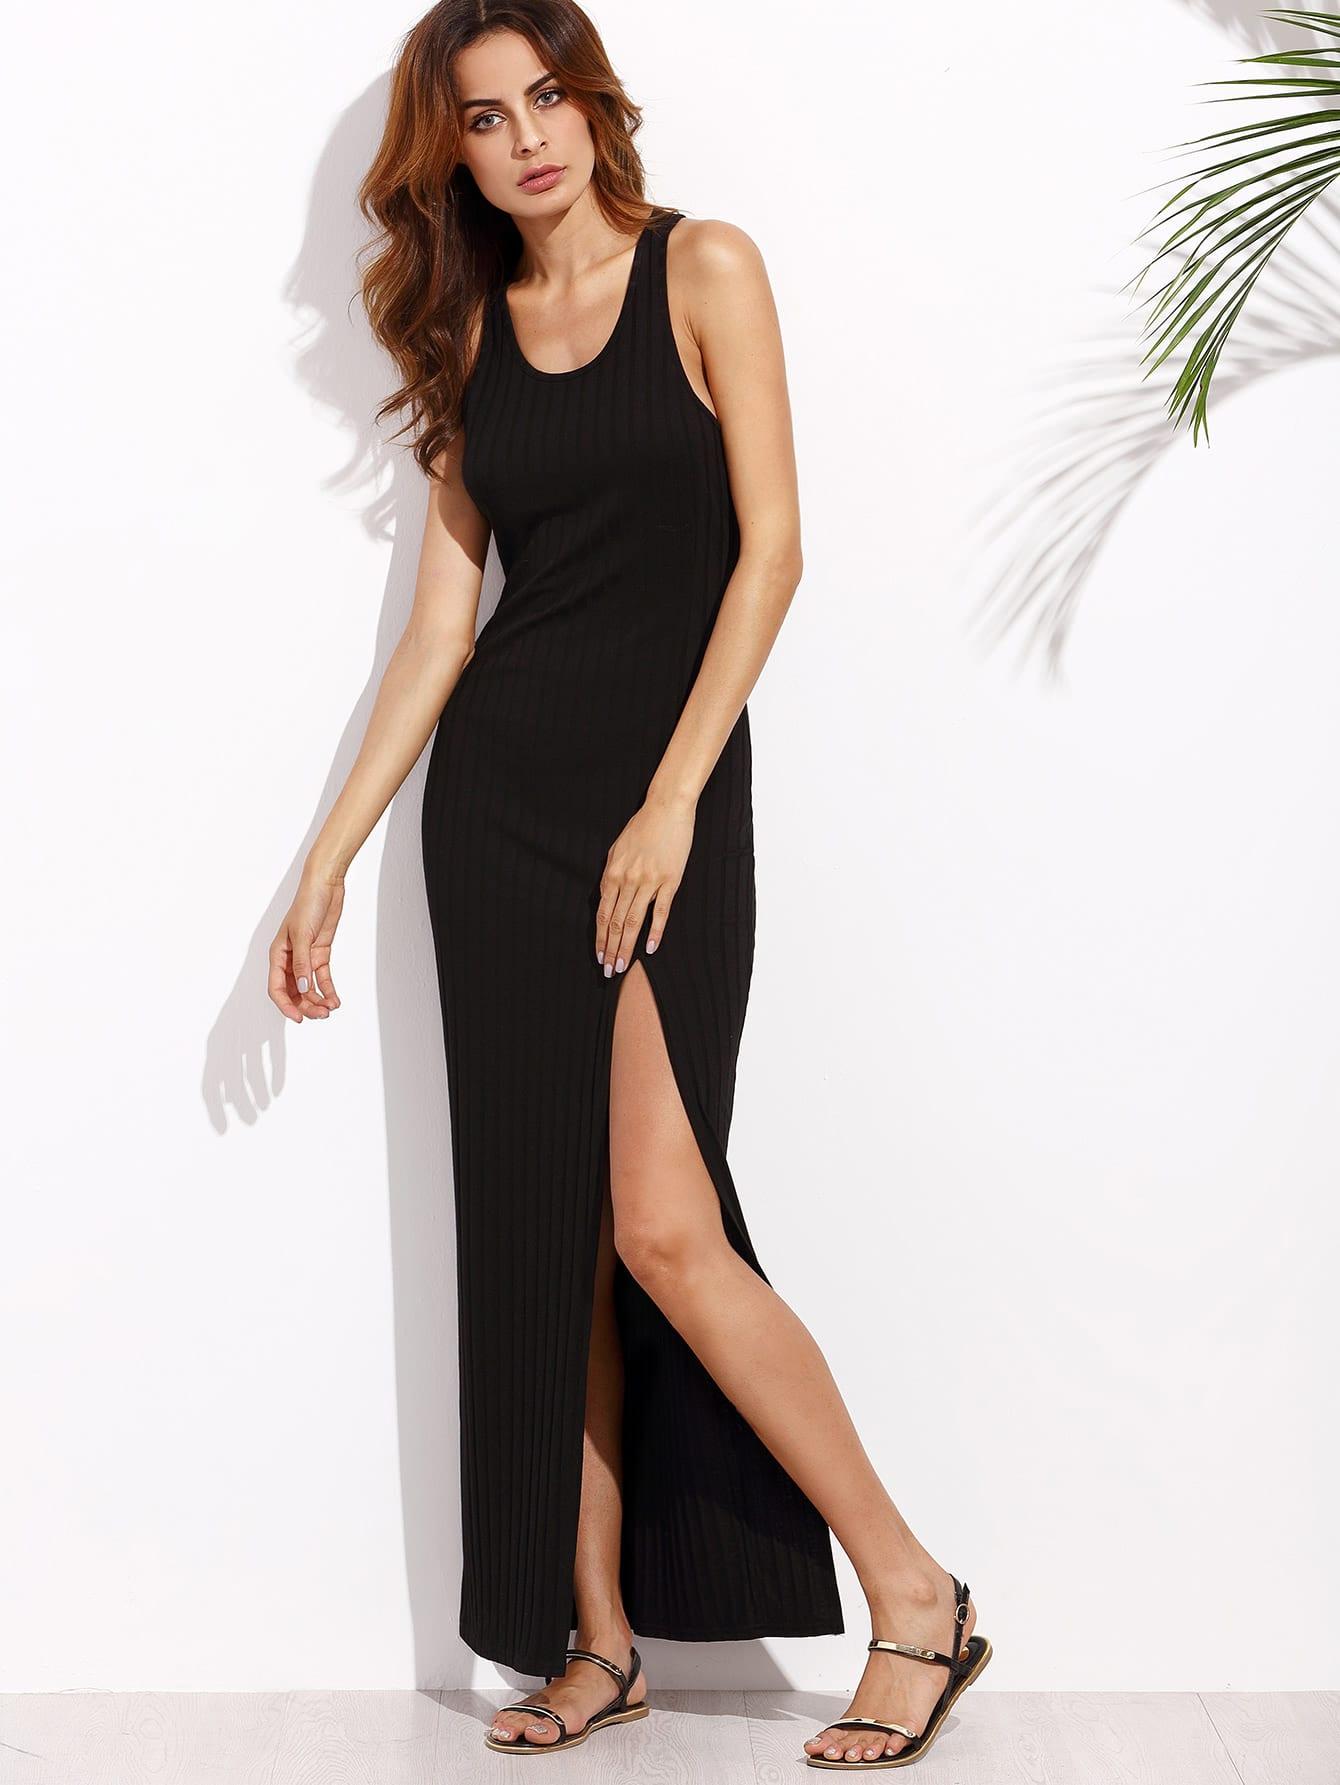 Kleid schwarz trager